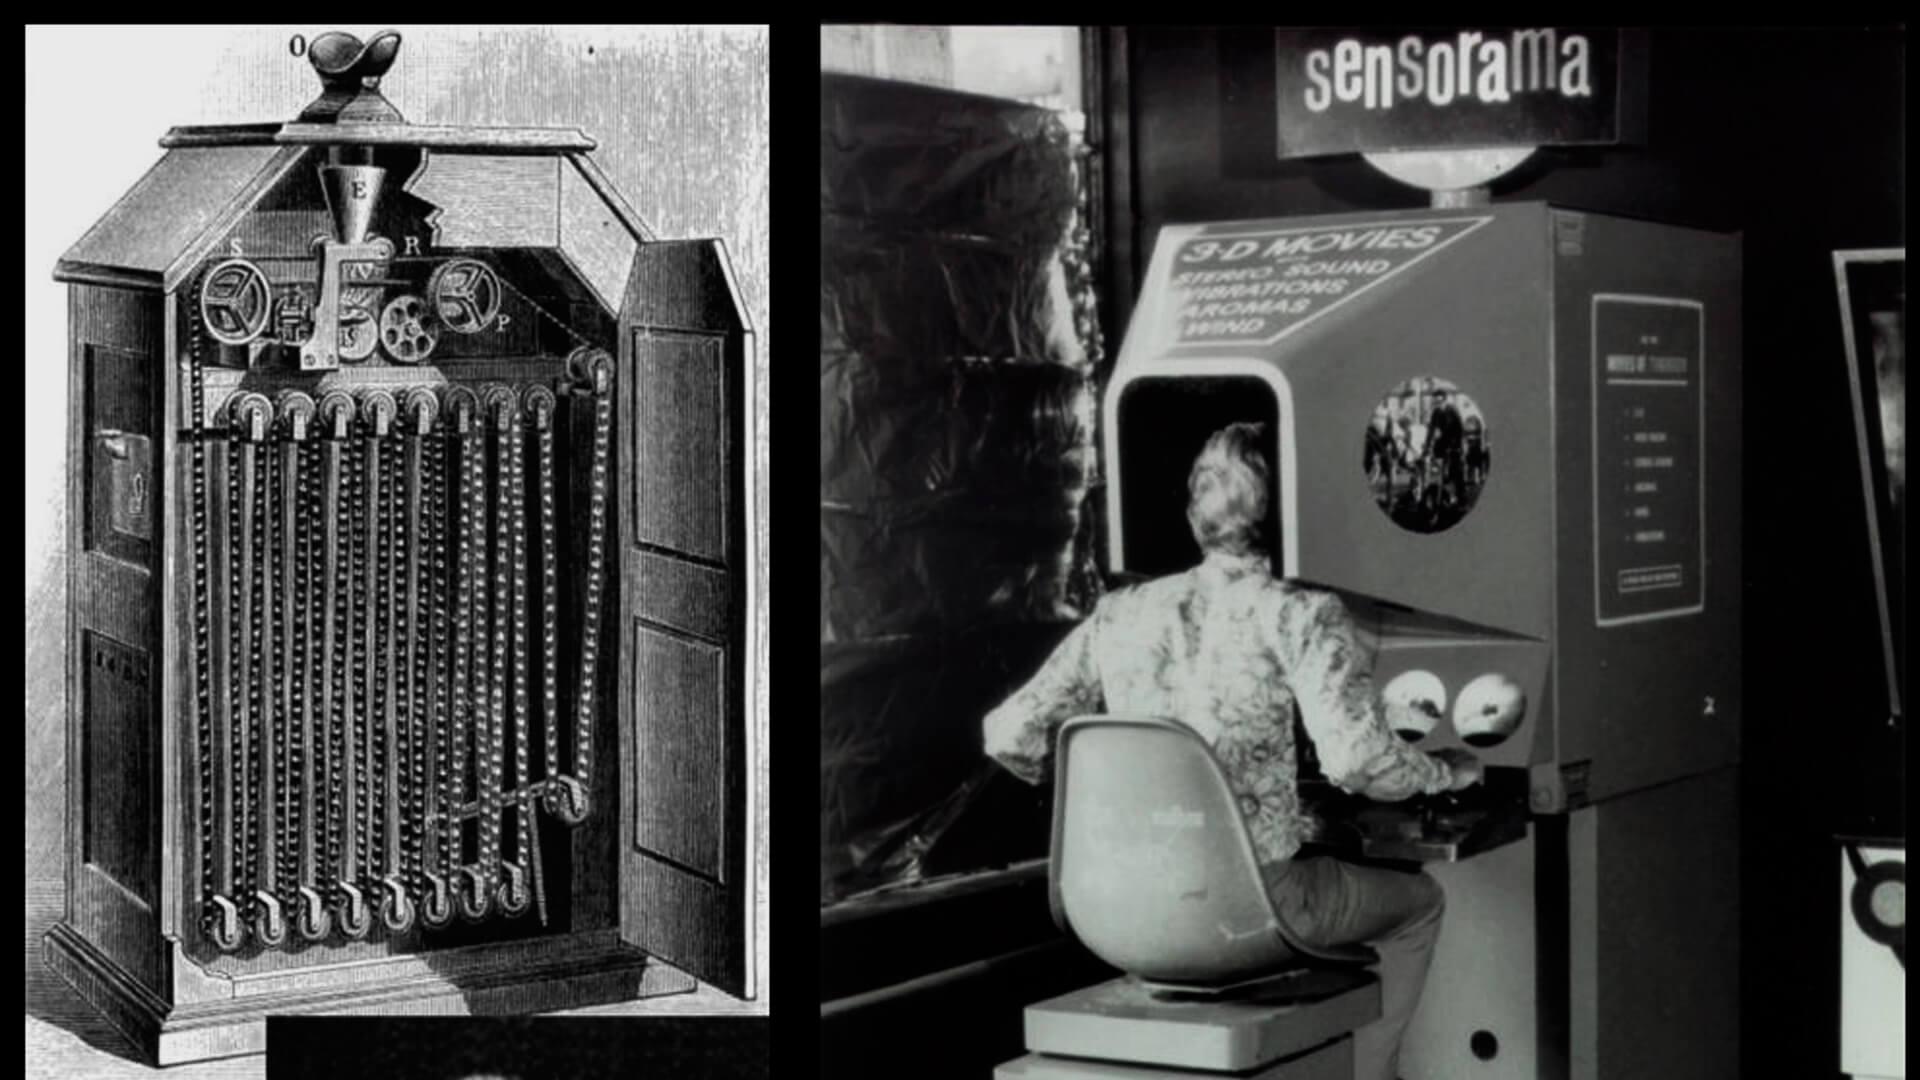 Ilustrações antigas do sensorama, equipamento que hoje é reconhecido como o ponta pé inicial da realidade virtual. Na esquerda tem a ilustração do equipamento mostrando a parte interna da tecnologia. Na direita tem uma moça sentada e utilizando o equipamento.